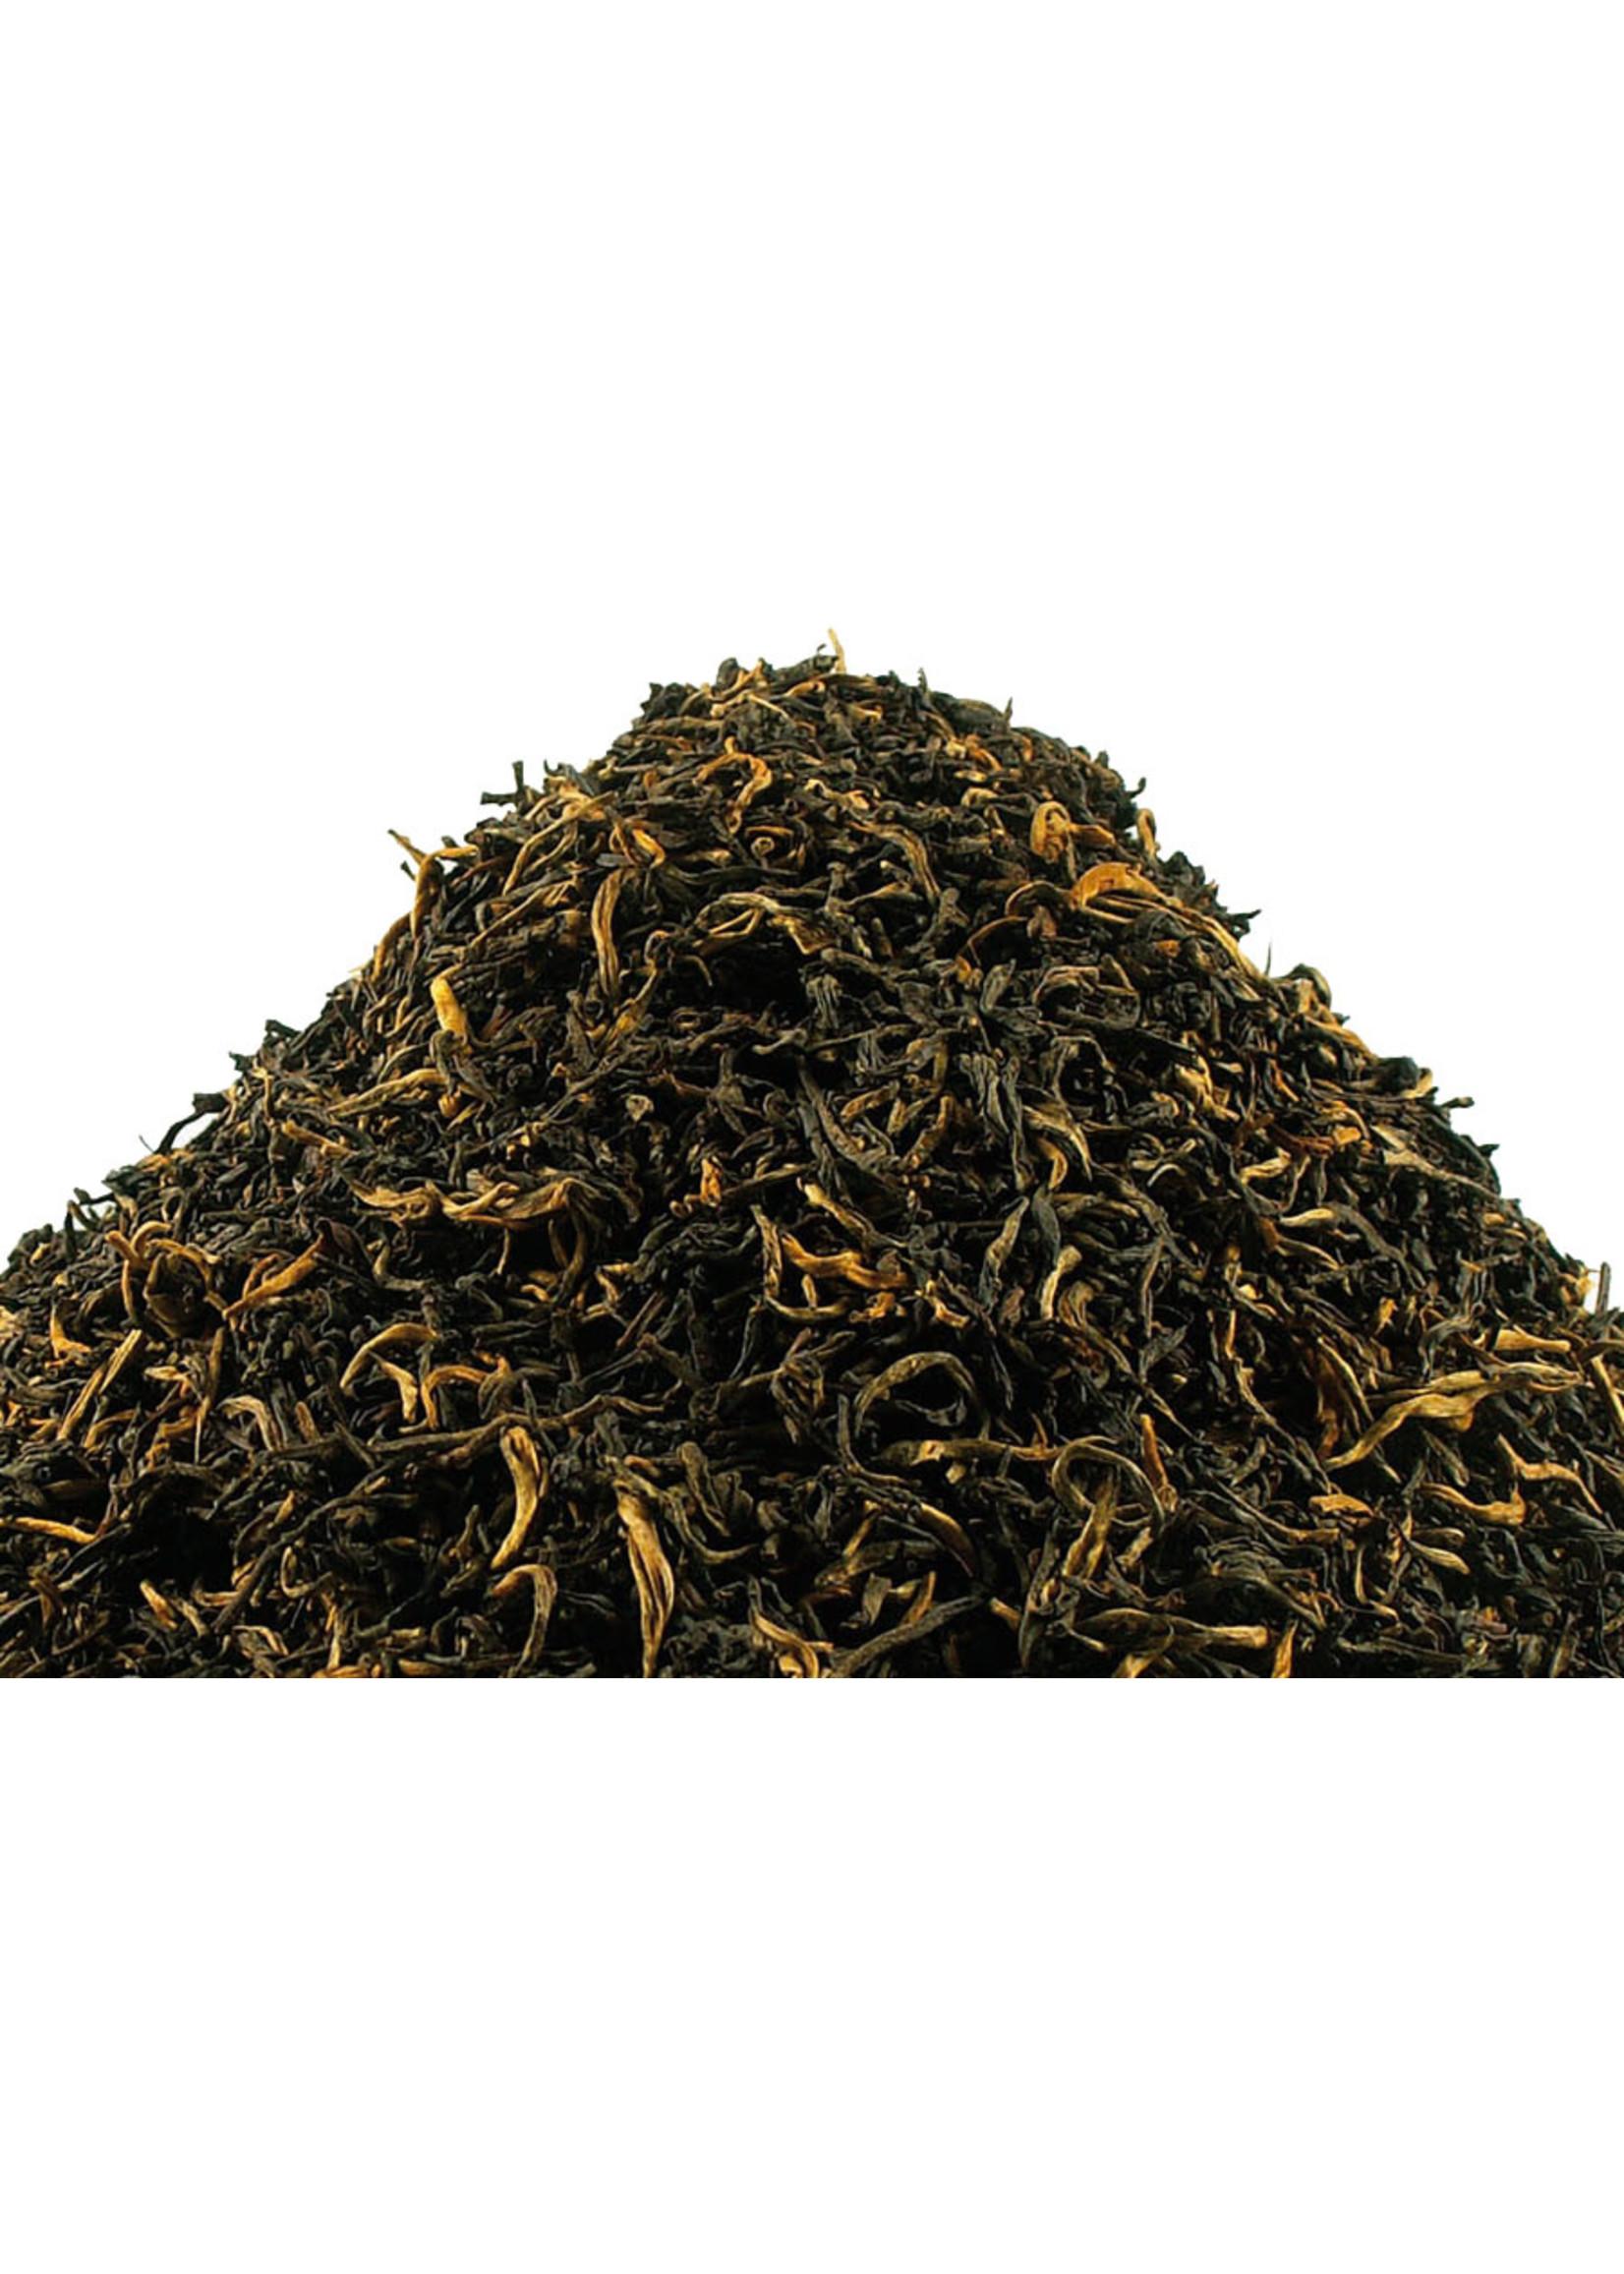 De KoffieMeulen China Finest Golden Yunnan